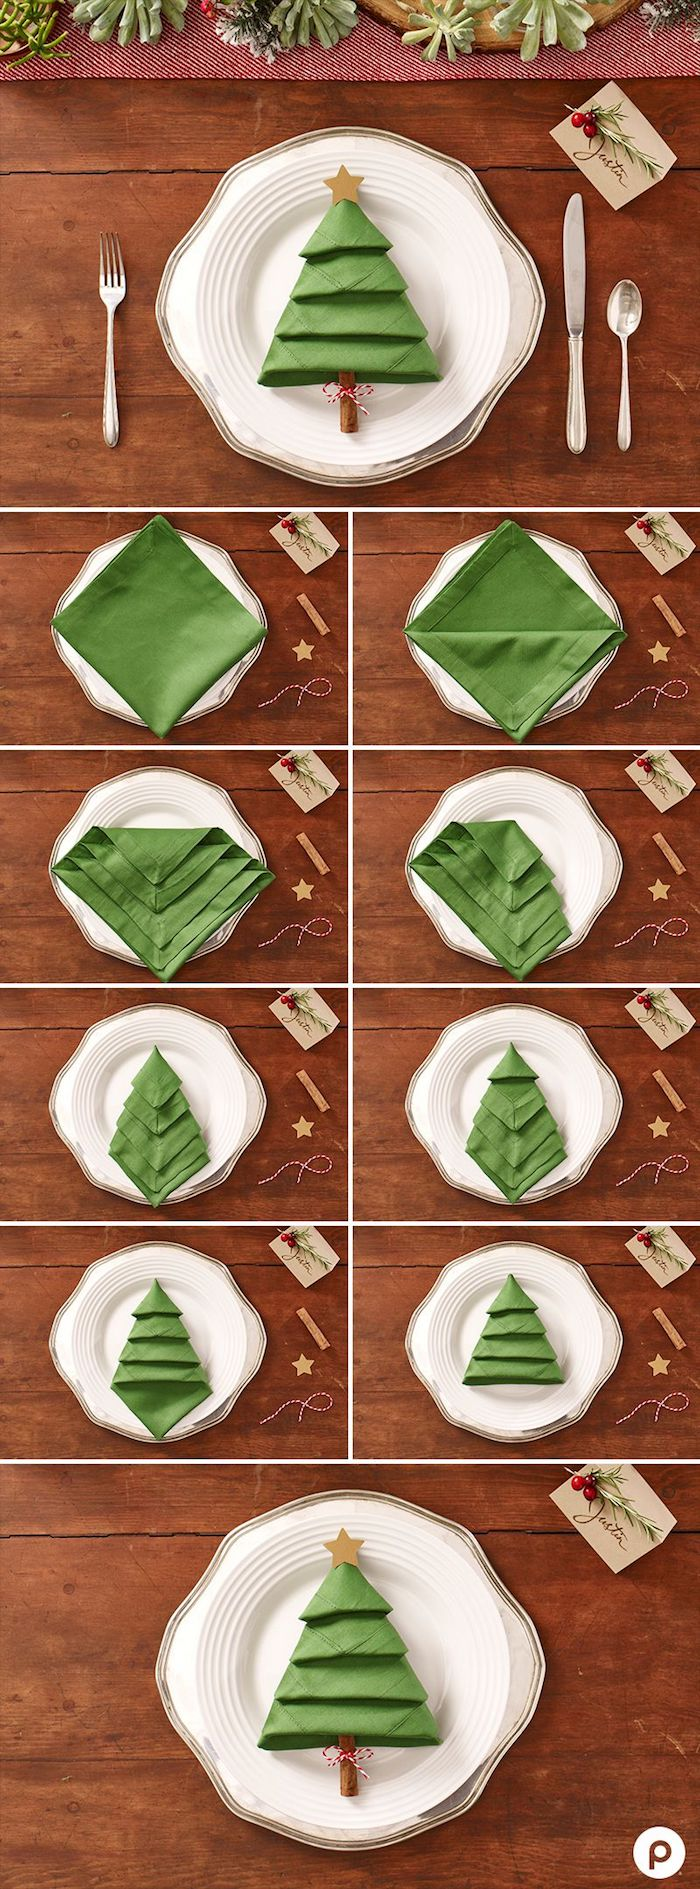 exemple d eplaige de serviette noel simple en forme de sapin de noel vert avec ronc d arbre en baton de cannelle